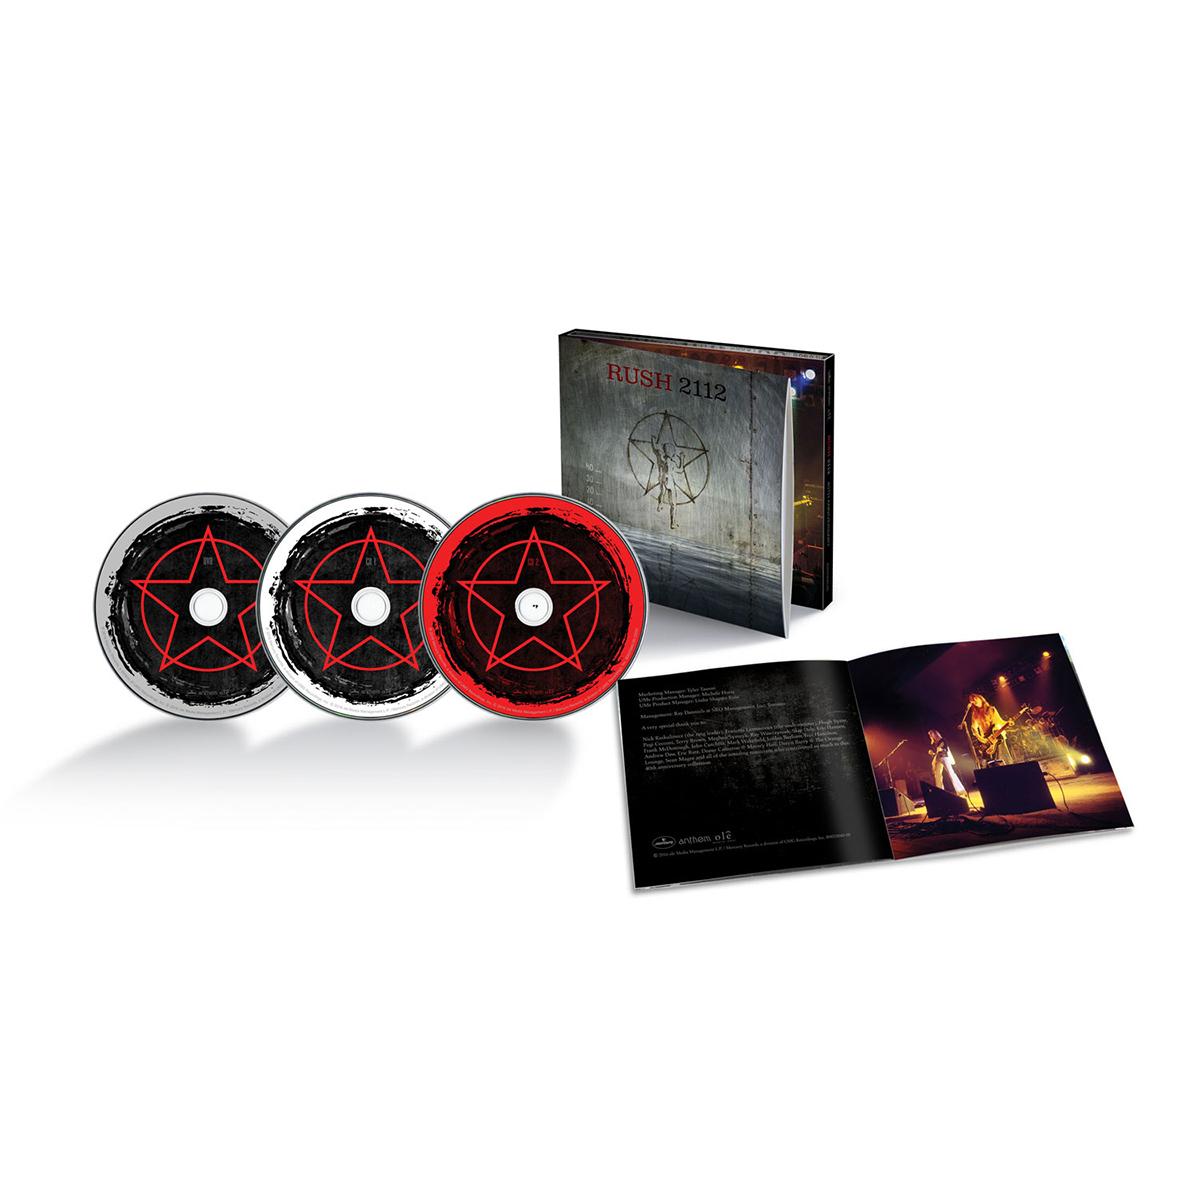 CD/DVD - Rush 2112 40th Anniversary